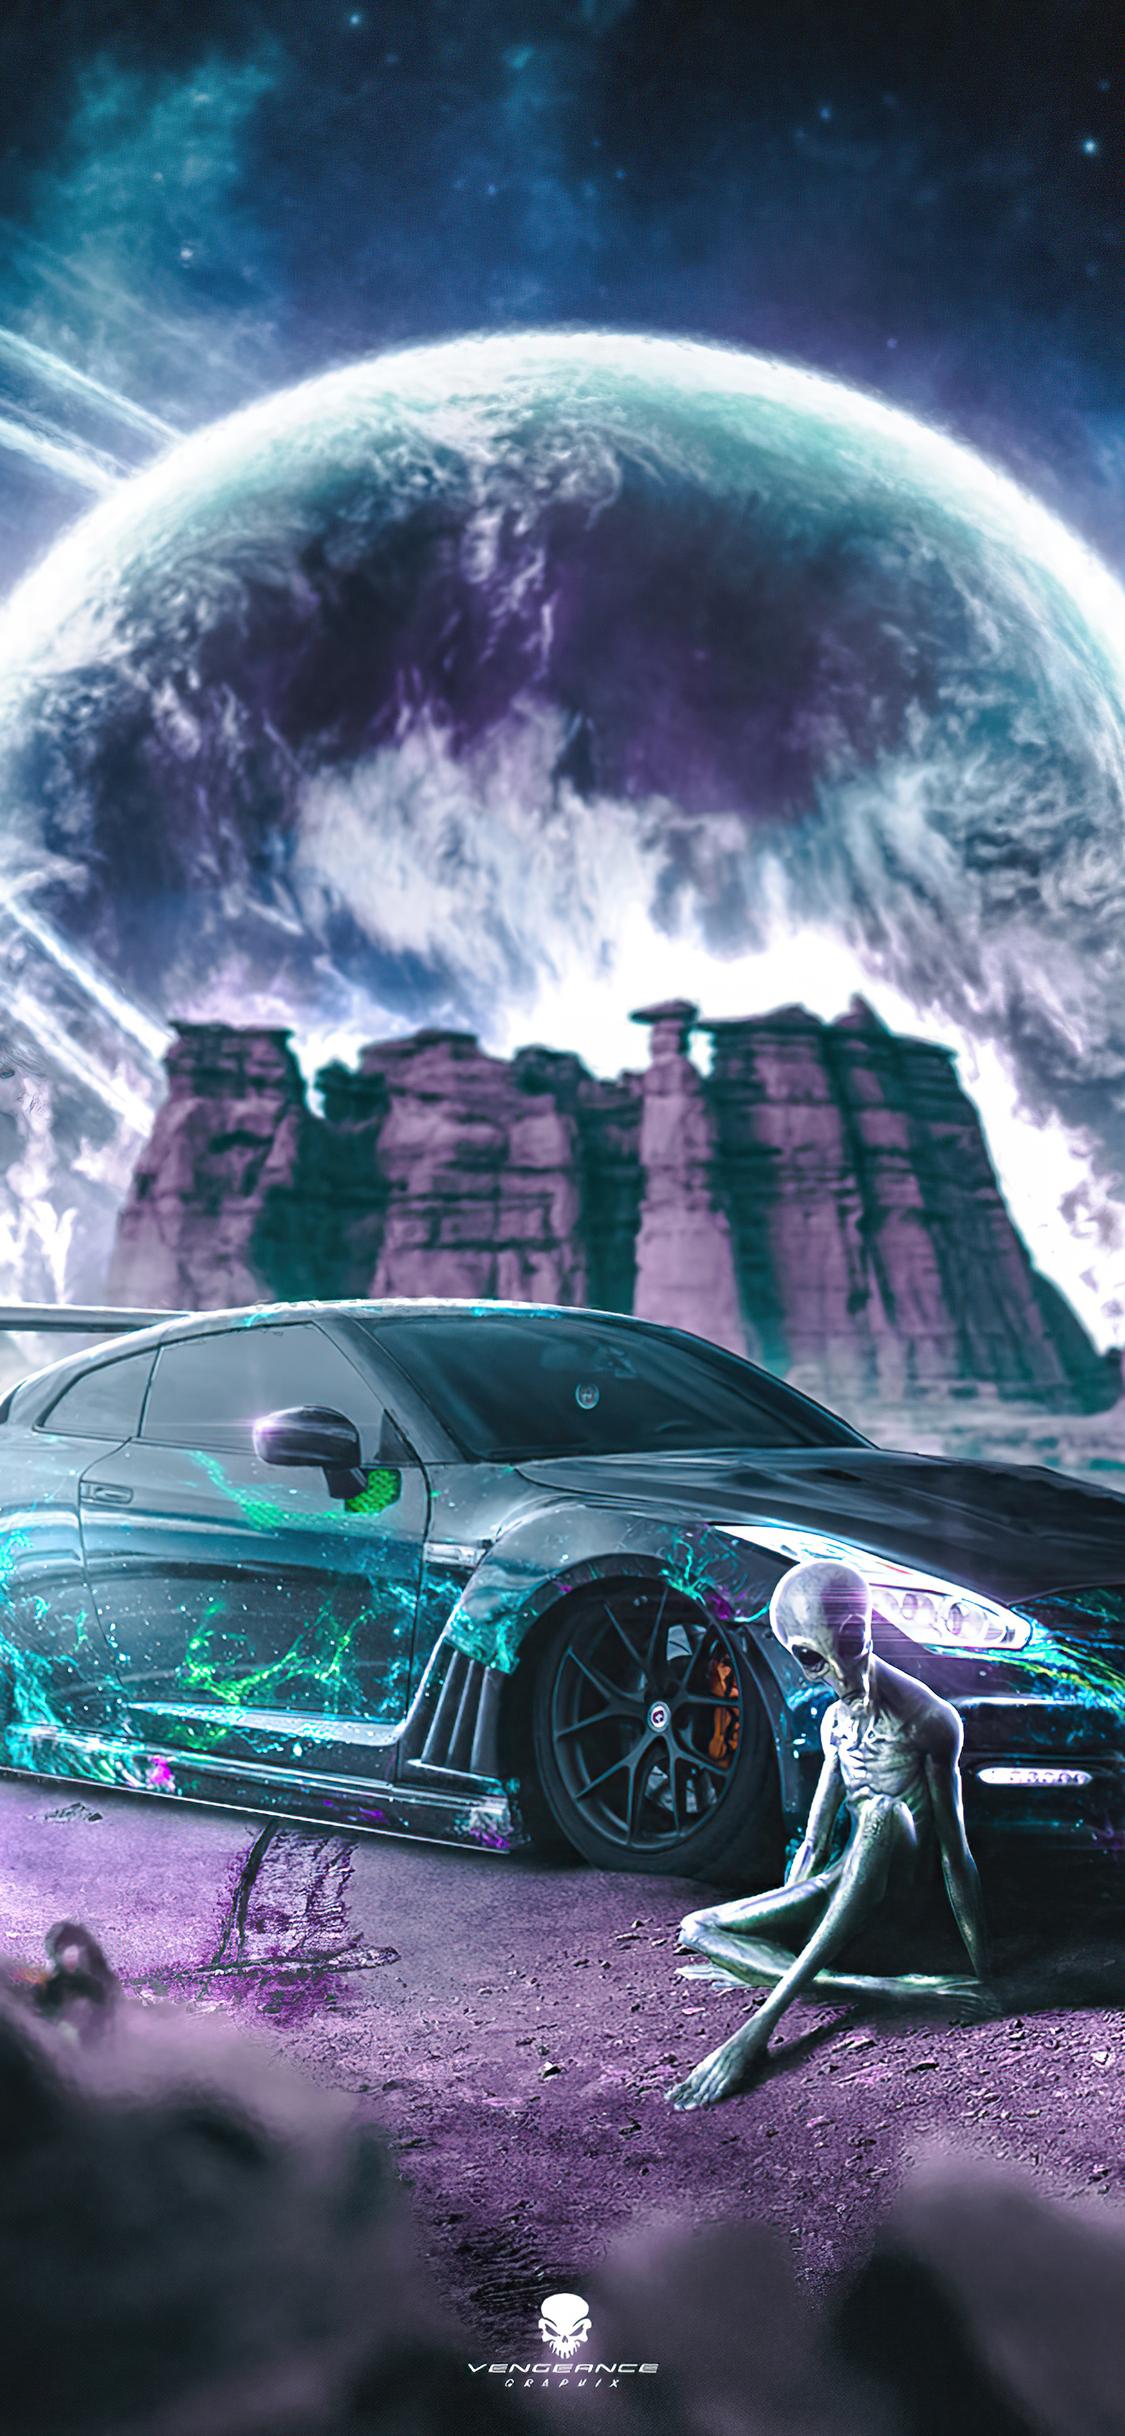 alien-ride-23.jpg